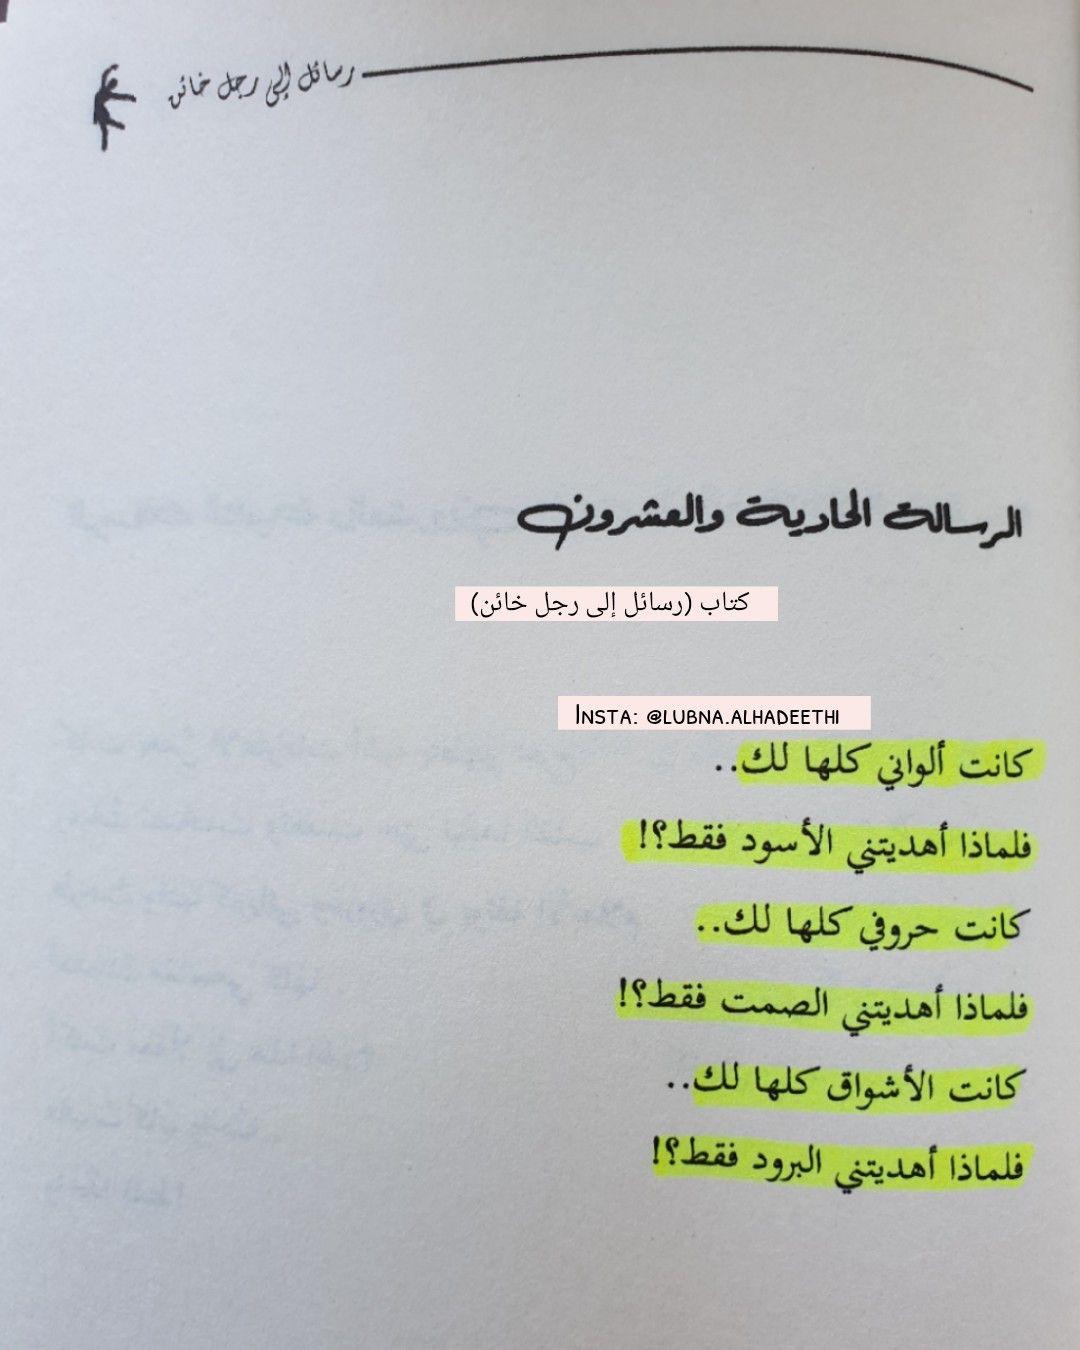 رسائل خيانة رجل حب لبنى الحديثي كلمات كلماتي اقتباسات اقتباس كتب تمبلريات Math Math Equations